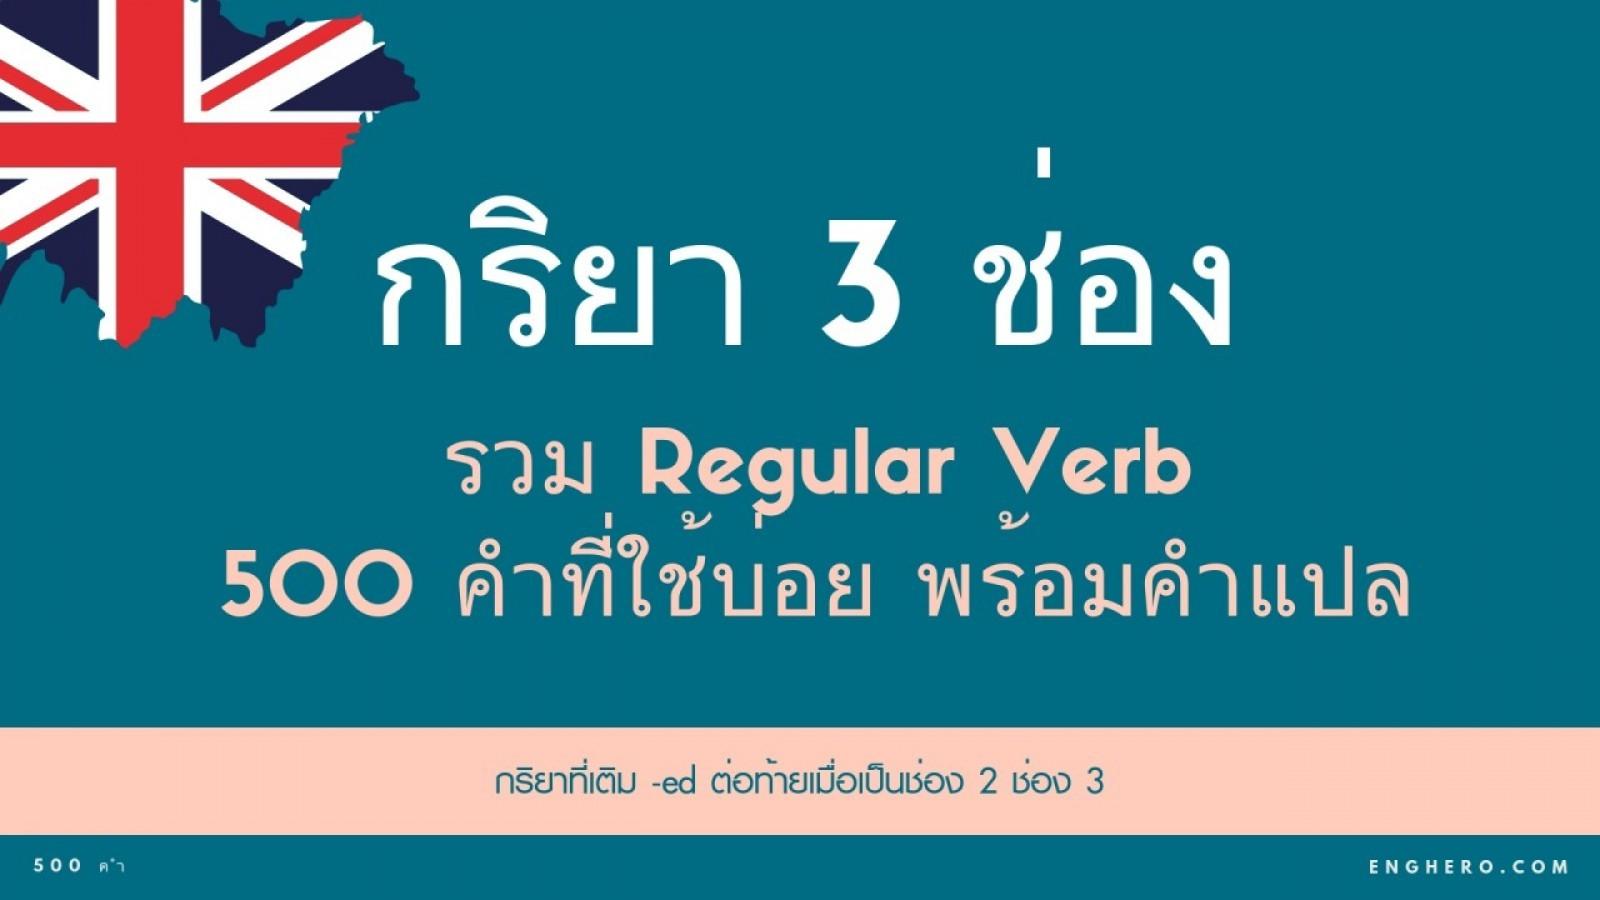 กริยา 3 ช่อง 500 คำที่ใช้บ่อย พร้อมคำแปล - หมวด Regular Verbs